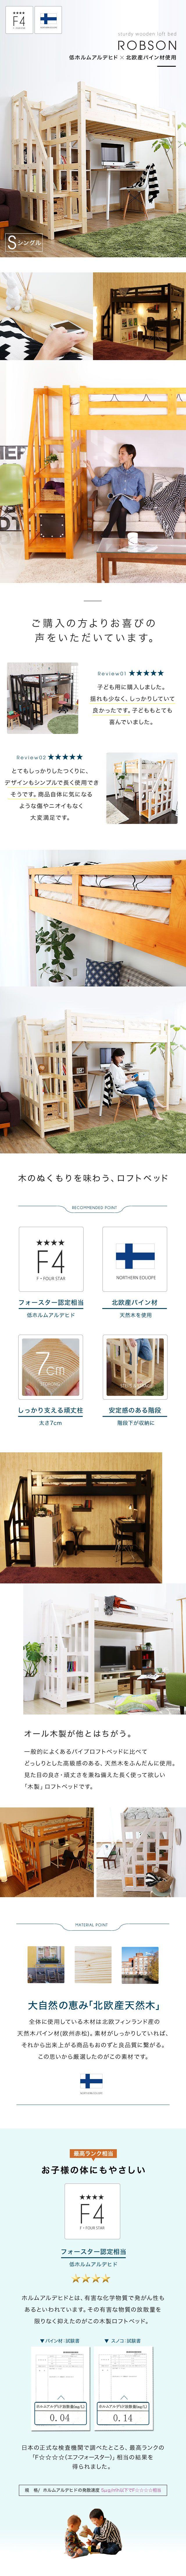 ロフトベッド シングル システムベッド 階段 階段付き。ロフトベッド シングル システムベッド 階段 階段付き 木製 木製ロフトベッド ベット 北欧産天然木 二段ベッド 宮付き ハイタイプ ロフト 子供 民泊 寮